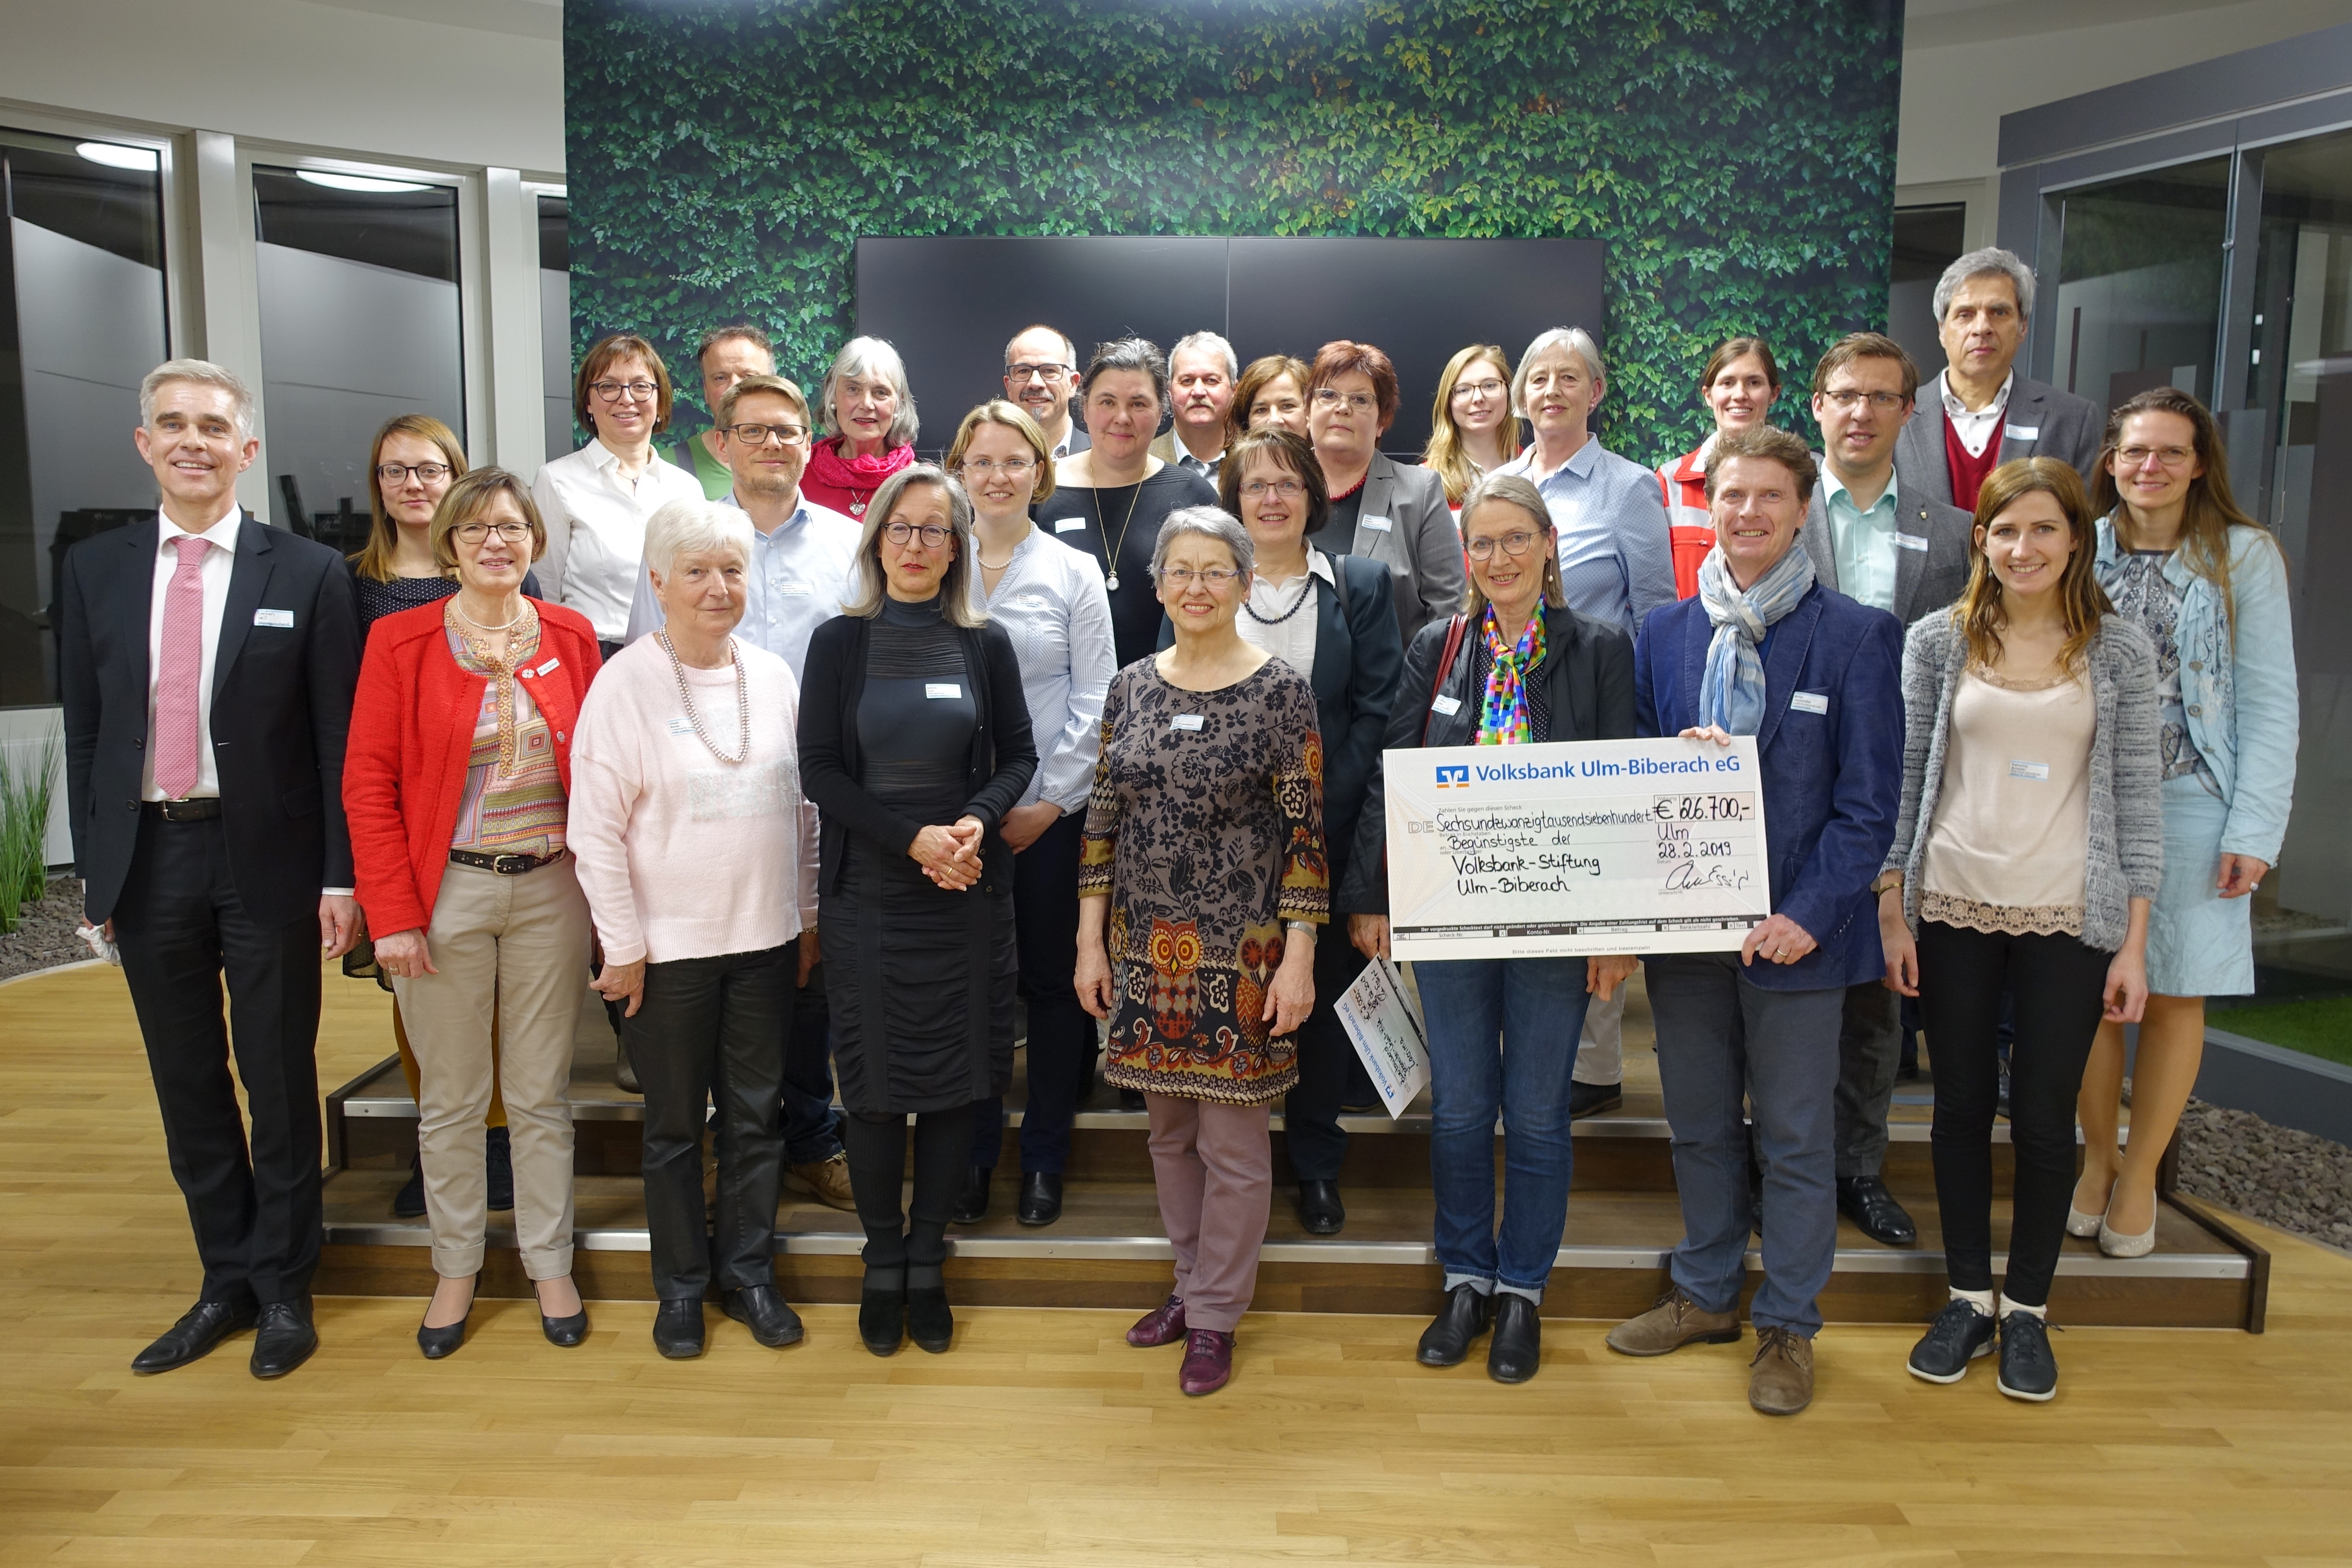 Pressefoto Volksbank Ulm-Biberach